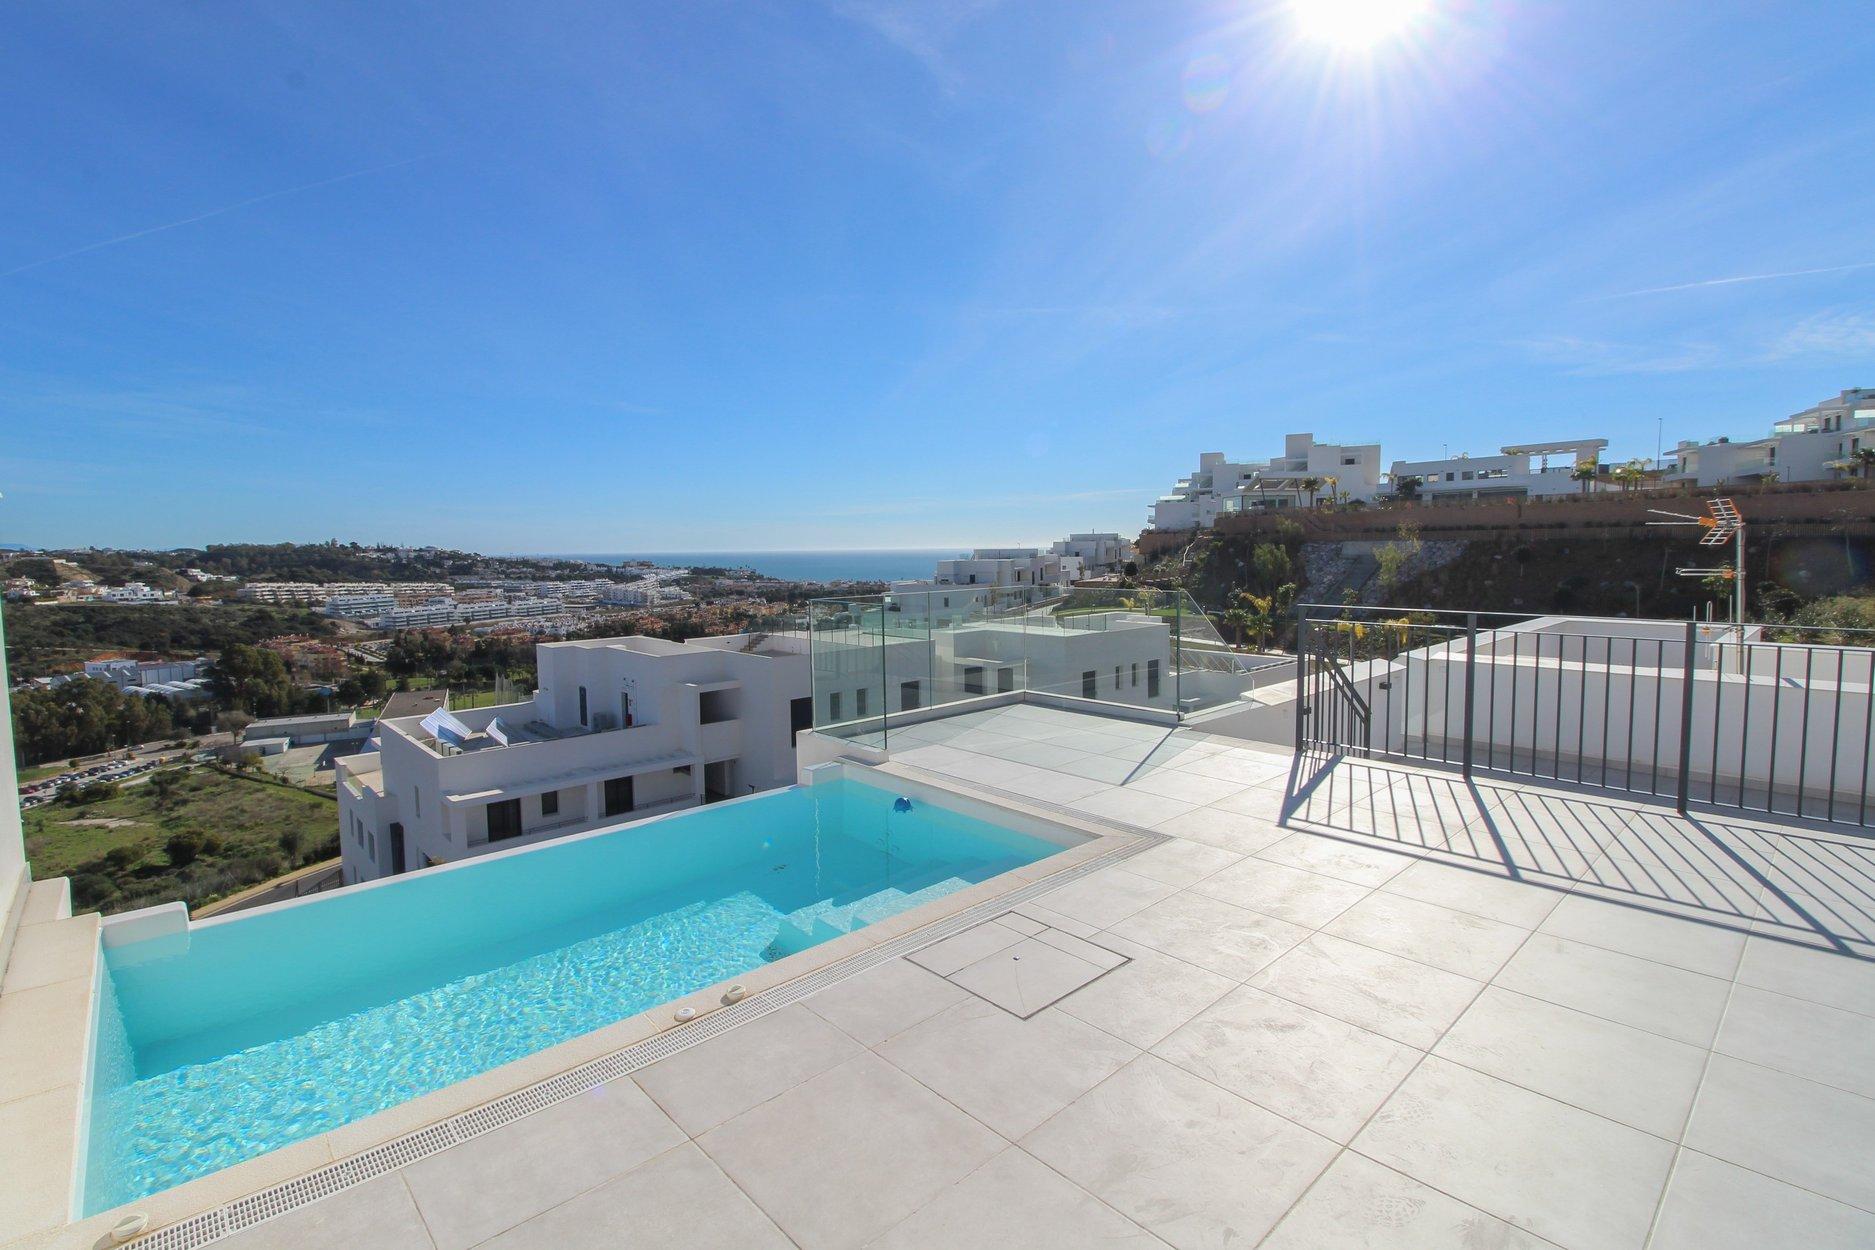 Penthouse for sale in Mijas, La Cala de Mijas